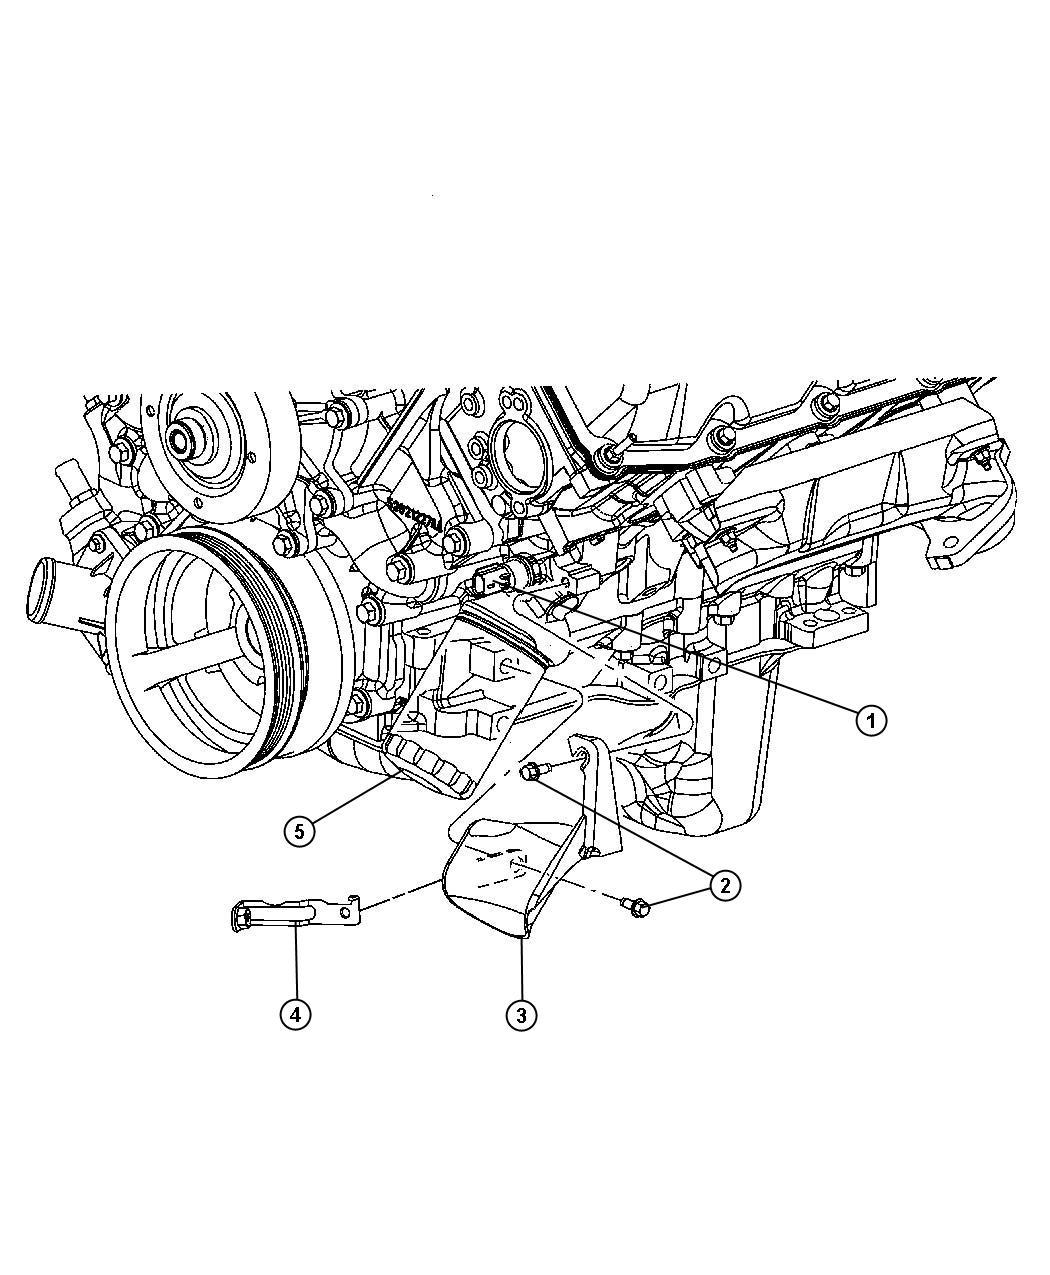 Chrysler PT Cruiser Sending unit, switch. Oil pressure